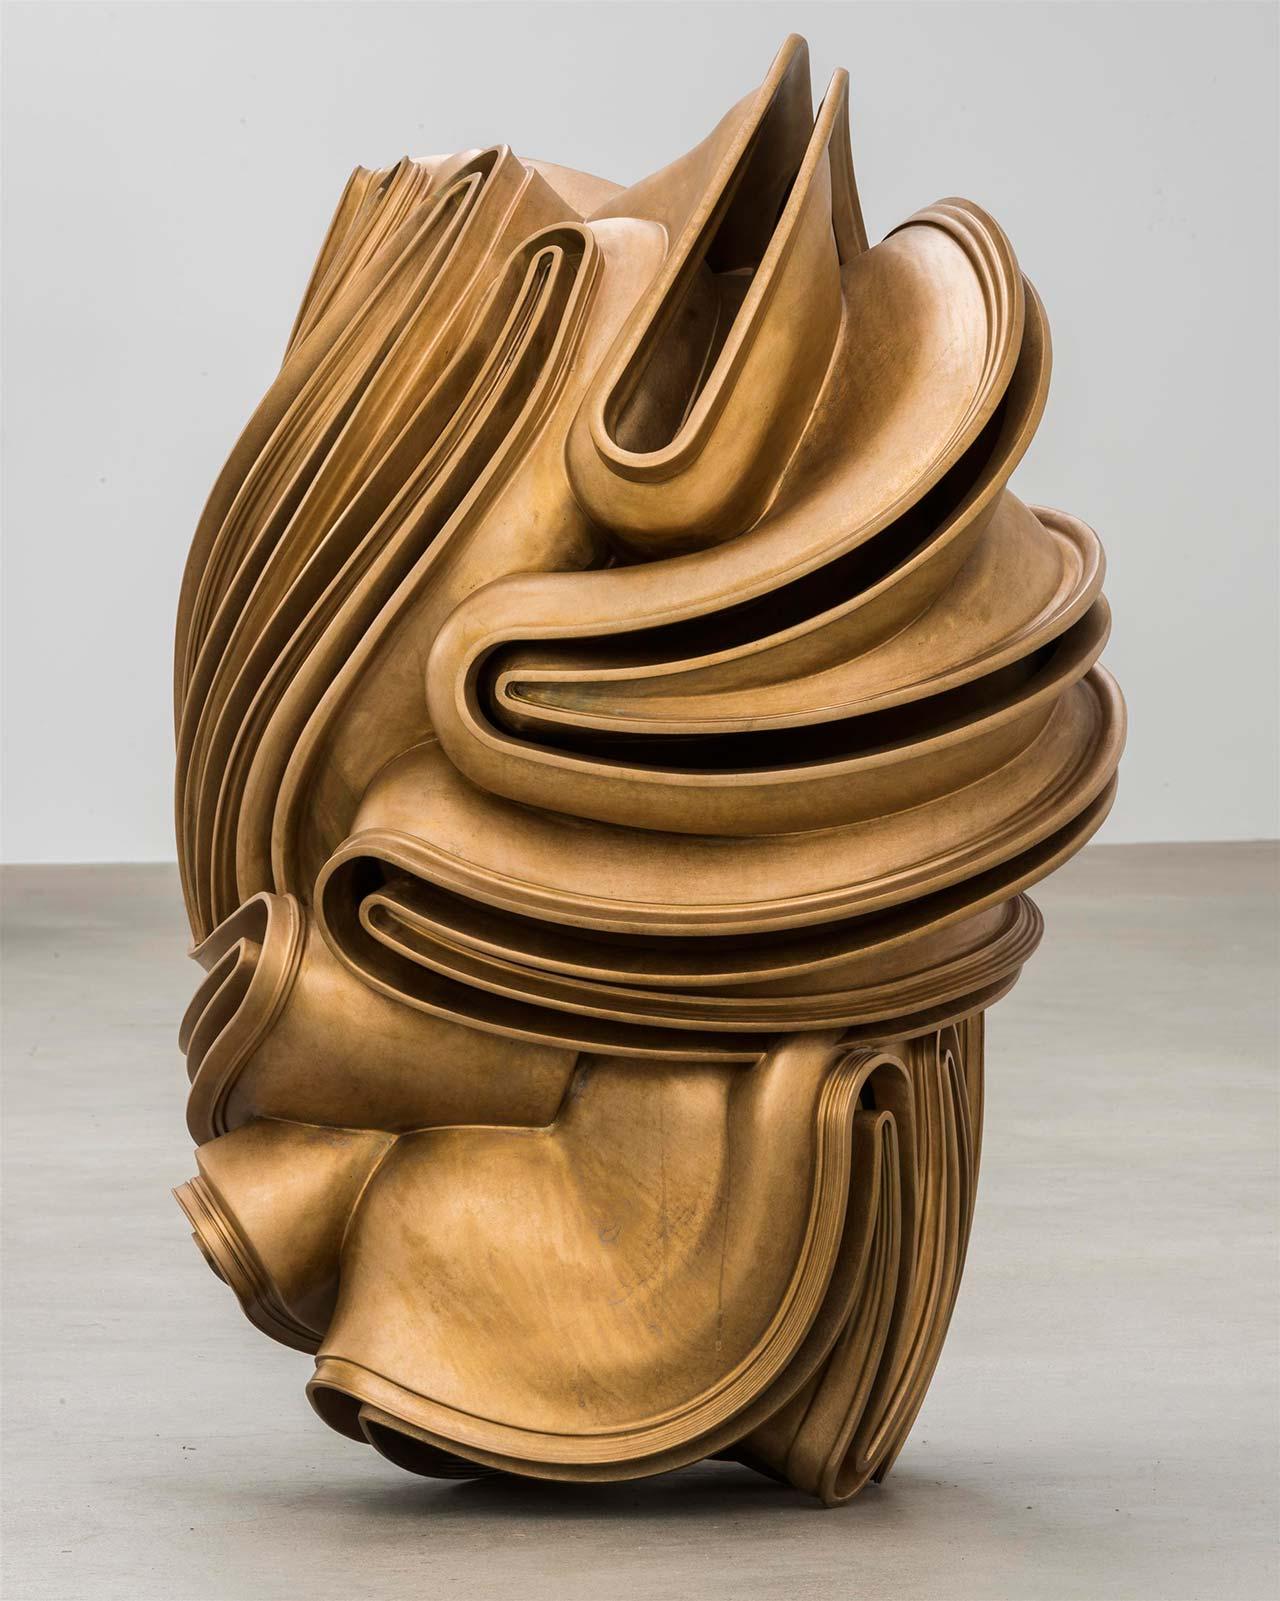 Tony Cragg, Foreign Body, 2015.Bronze,120 x 106 x 76cm. Photo byCharles Duprat.© VG Bild-Kunst Bonn 2016.